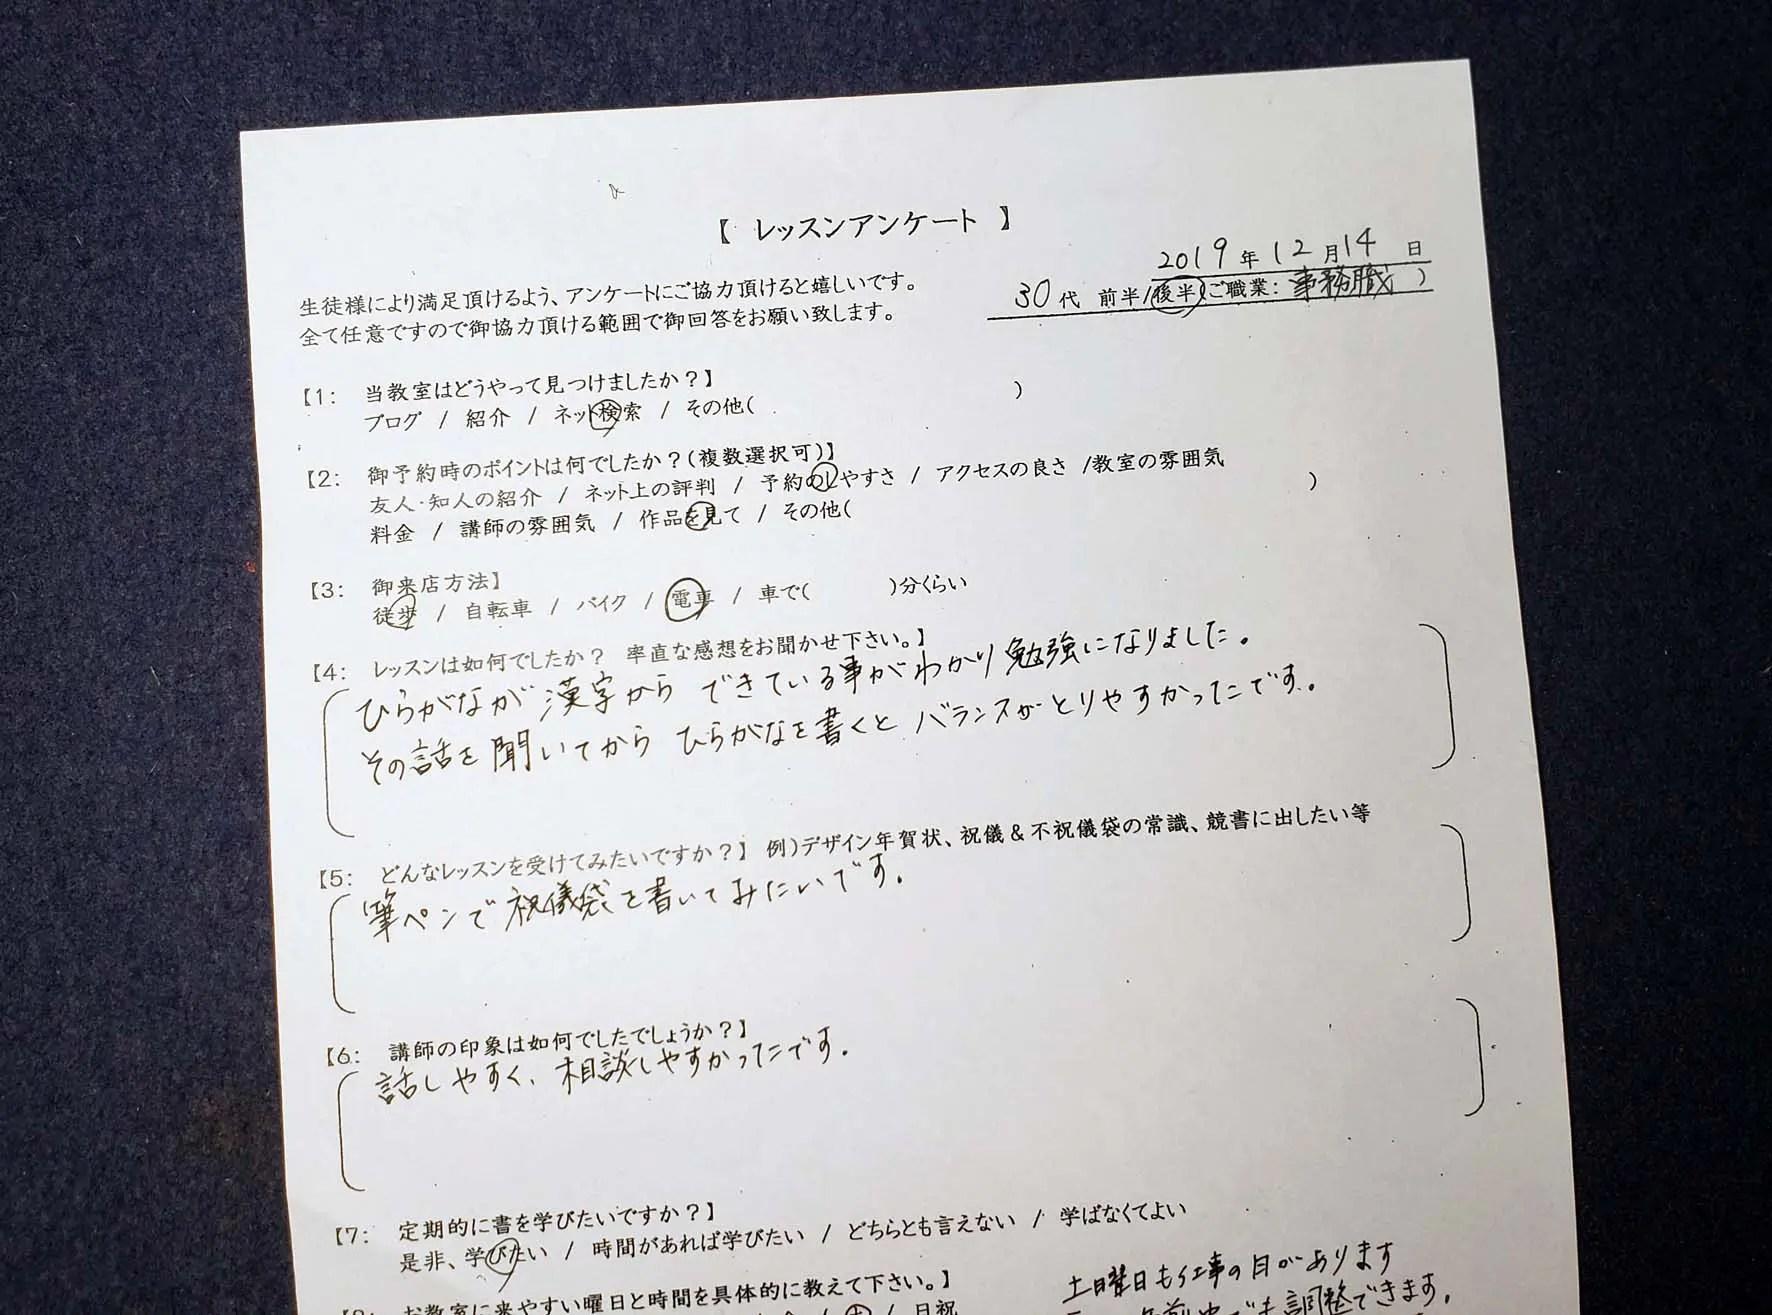 ひらがなが漢字からできている事がわかり勉強になりました【ペン字体験レッスンご感想】鎌倉市長谷の書道教室